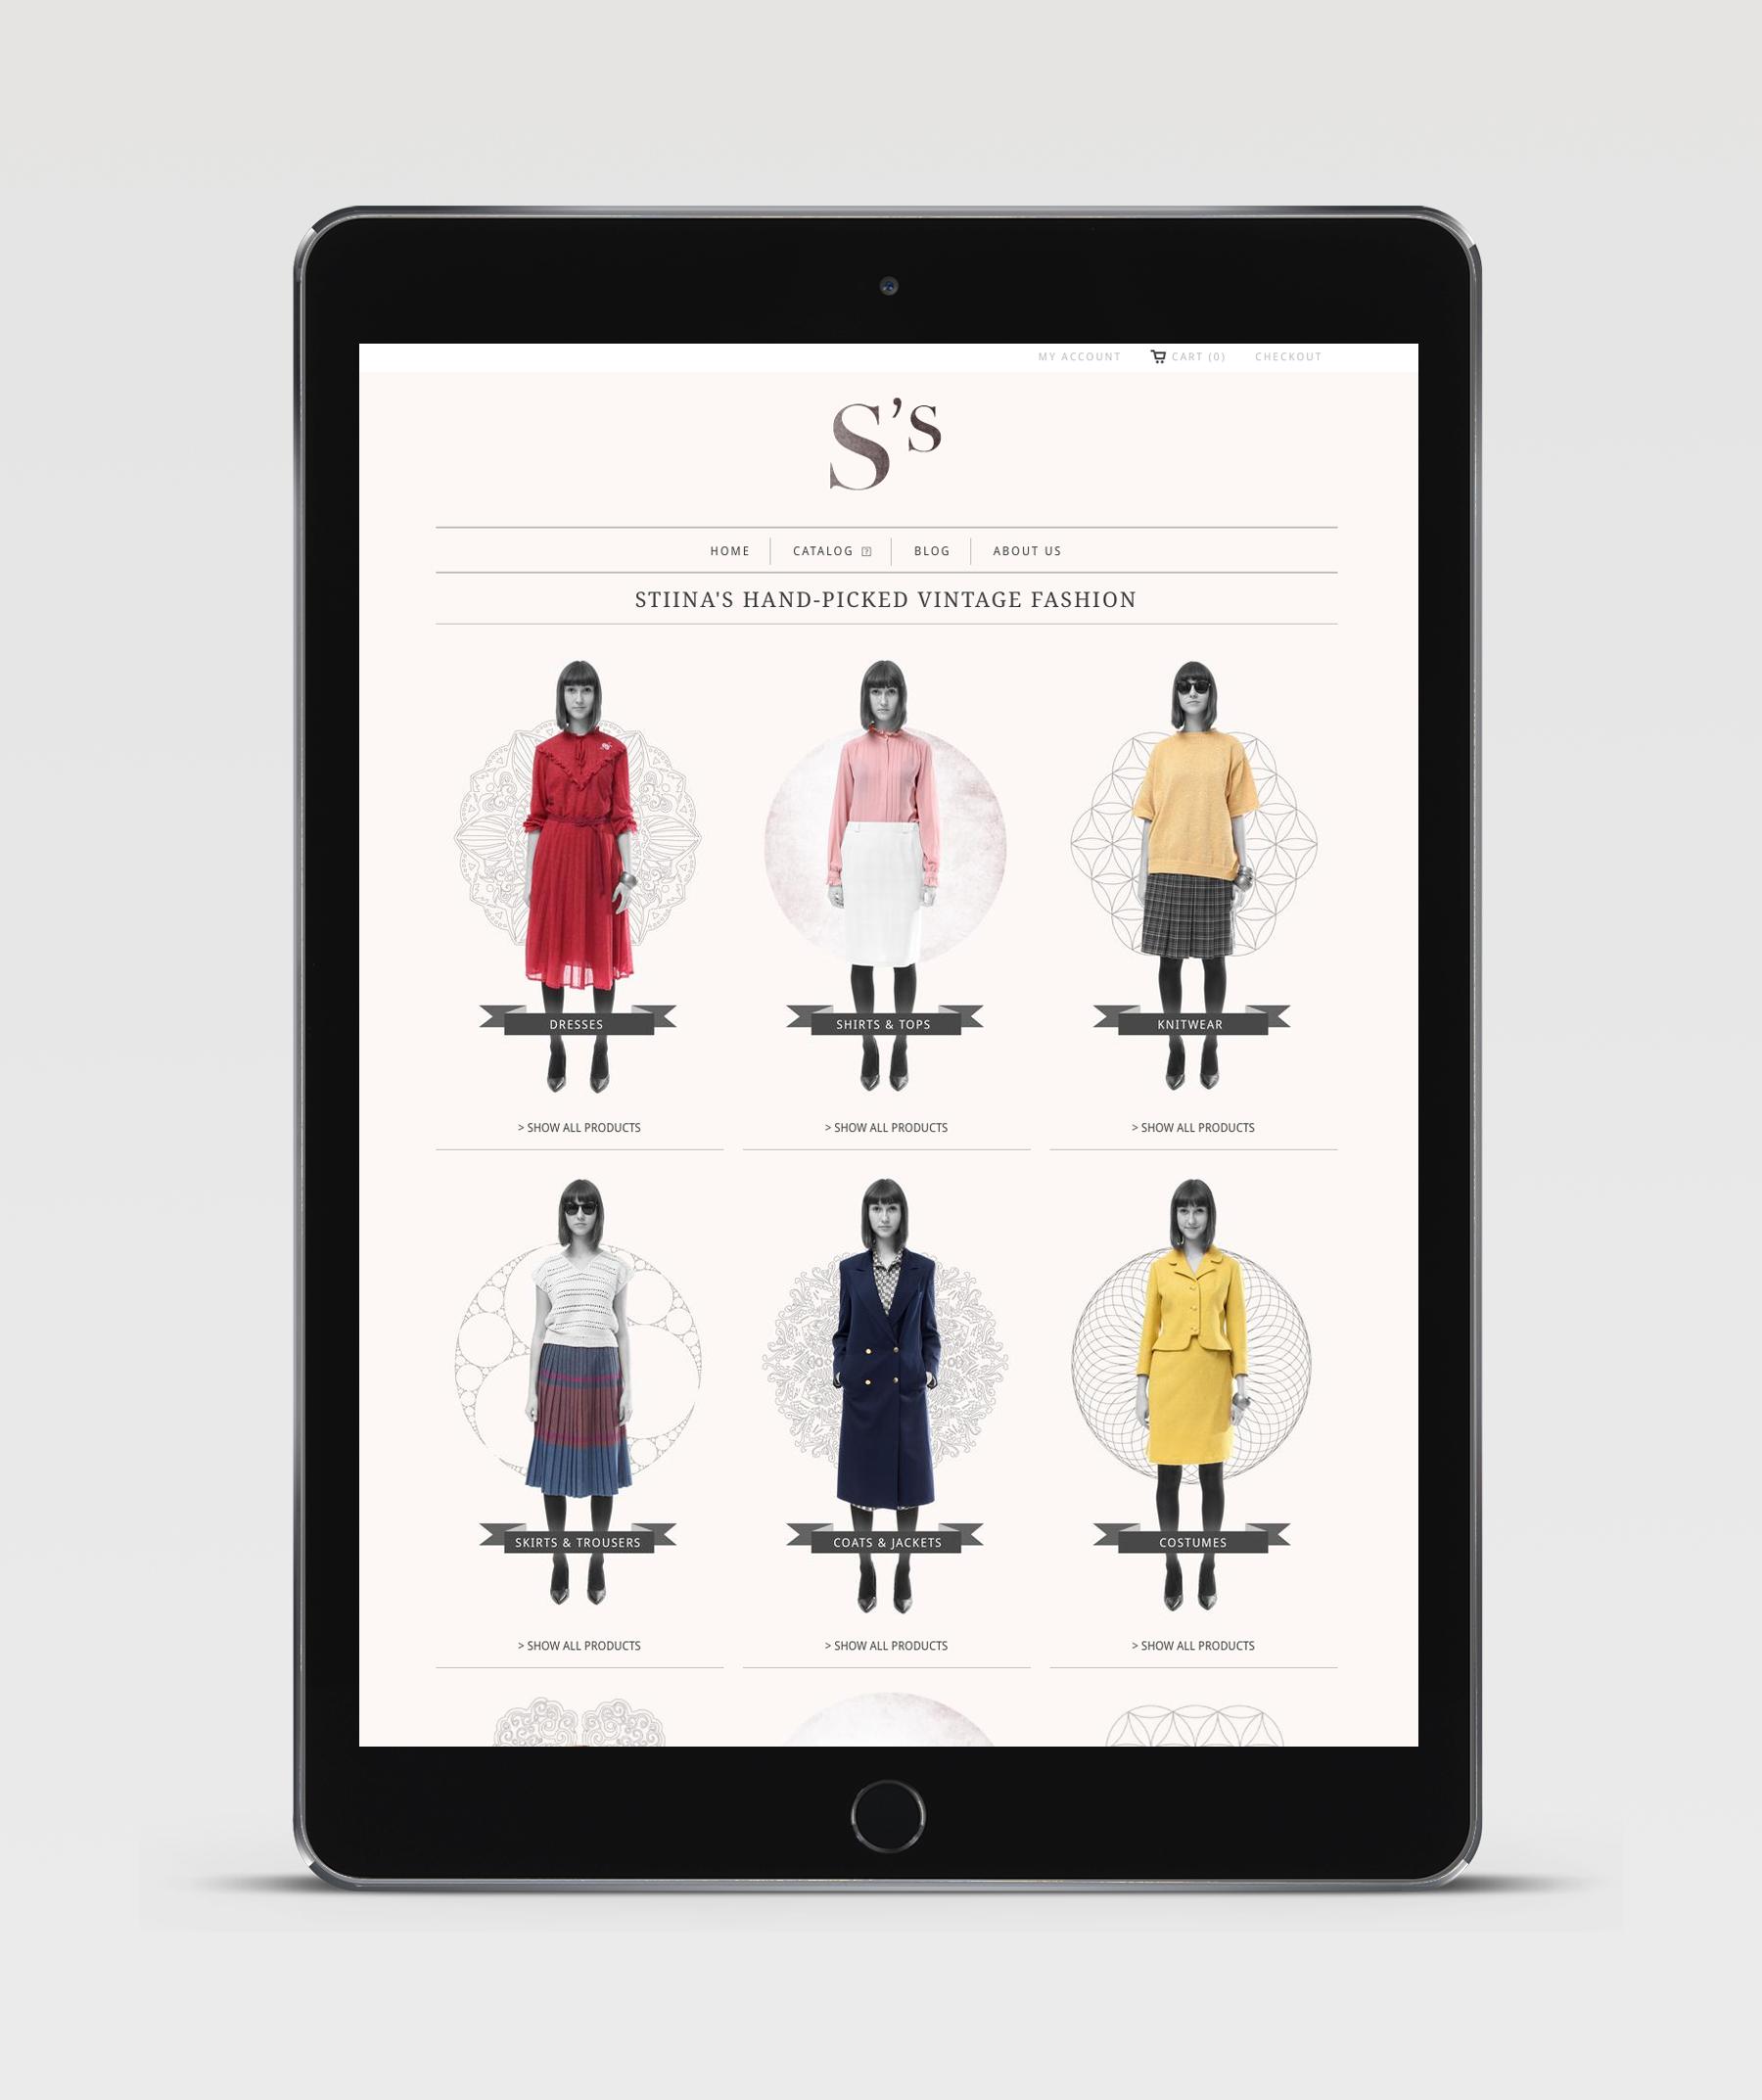 Stiina's Vintage - Identity, Screendesign